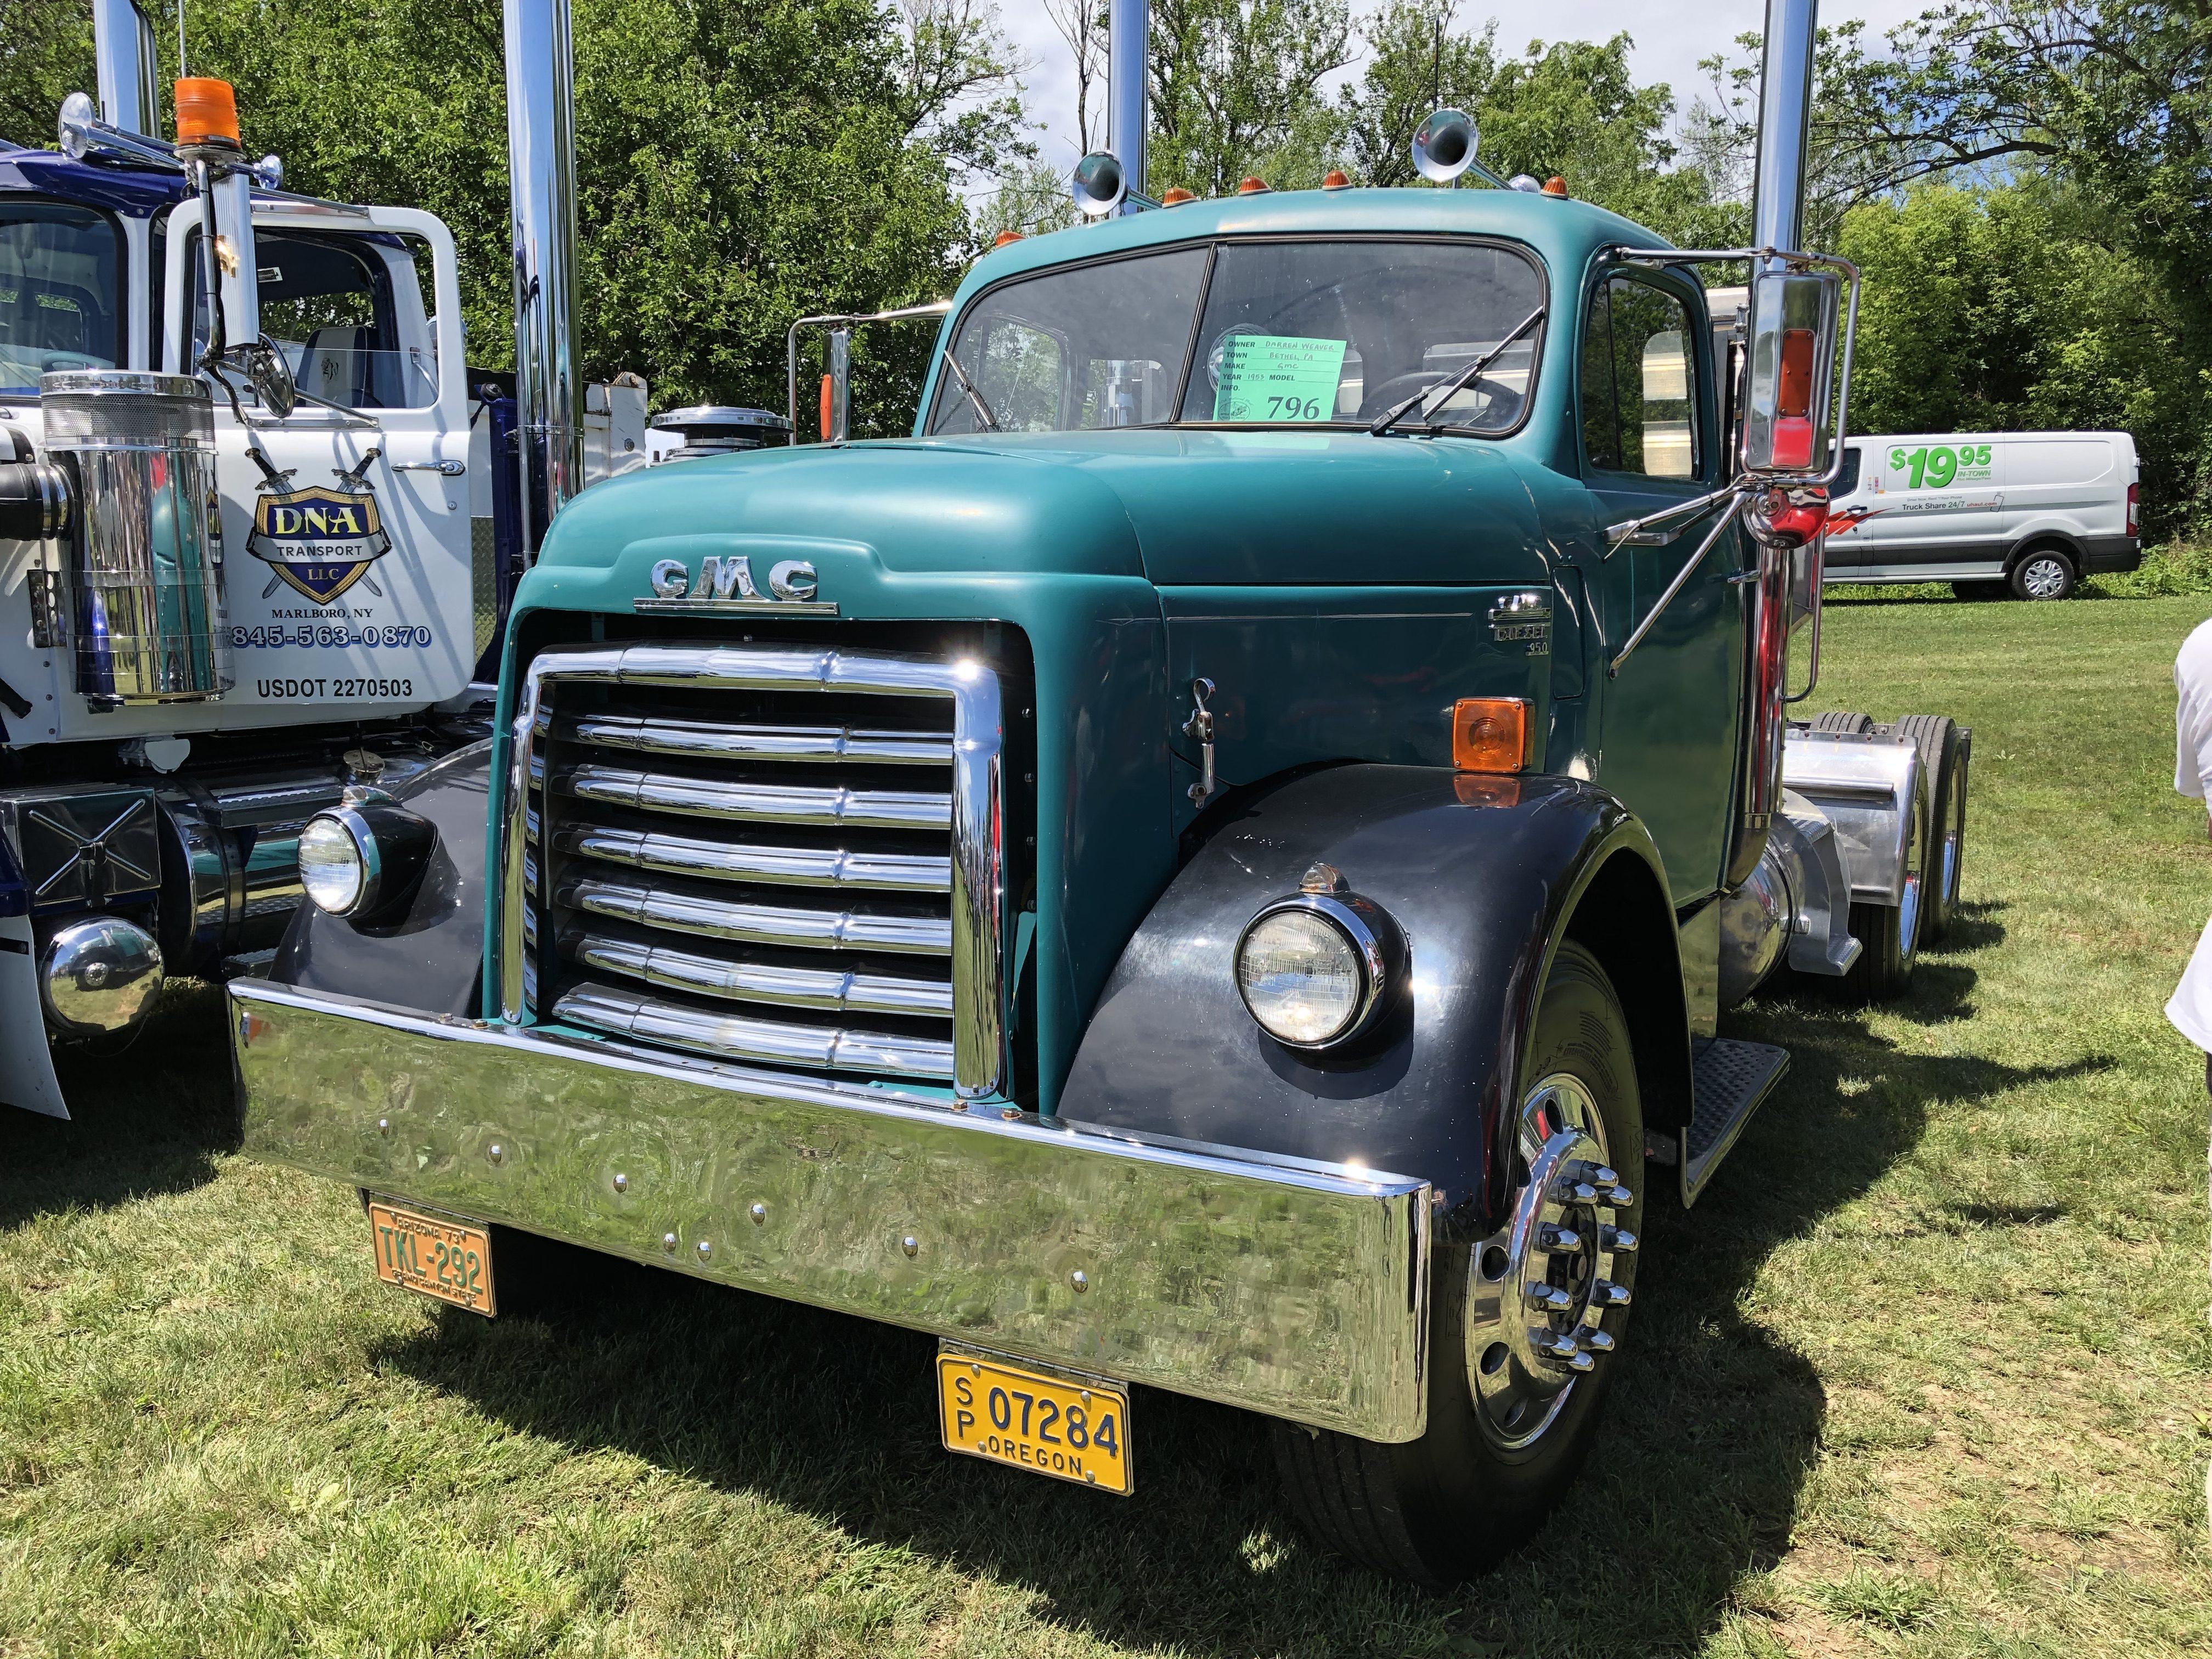 Antique Truck Club of America | Antique Trucks | Classic